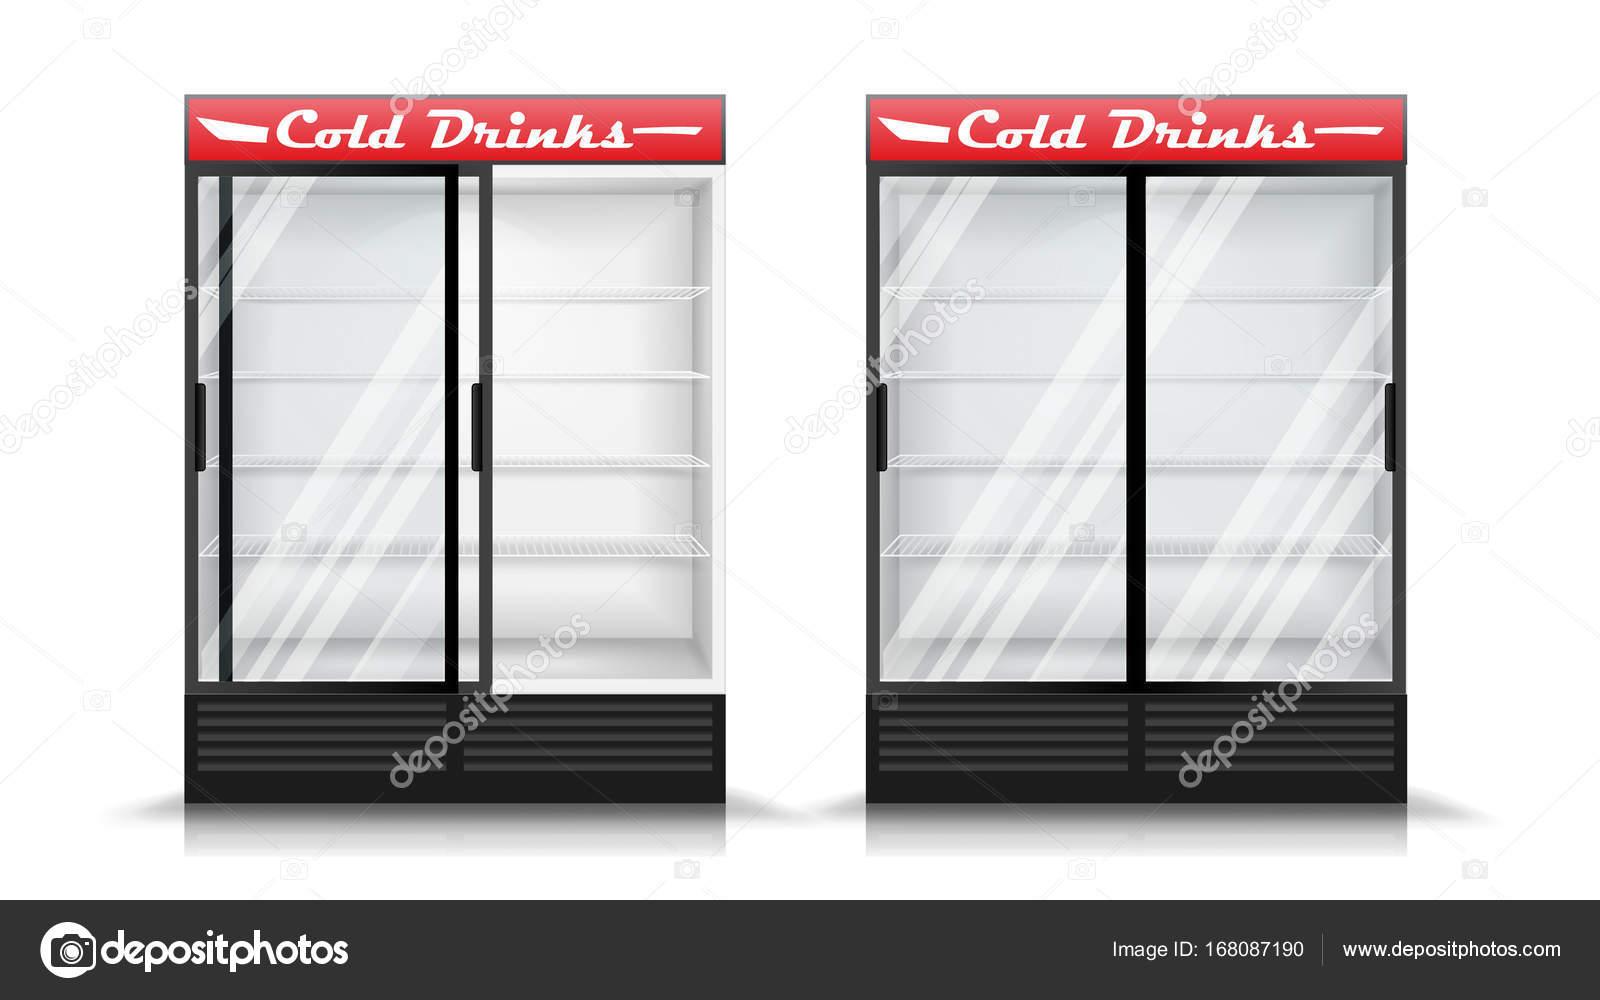 Kühlschrank Realistische Vektor. Moderne Vertikale Kühlschrank.  Frontplatte. Zwei Glas Schiebetüren. Isolierte